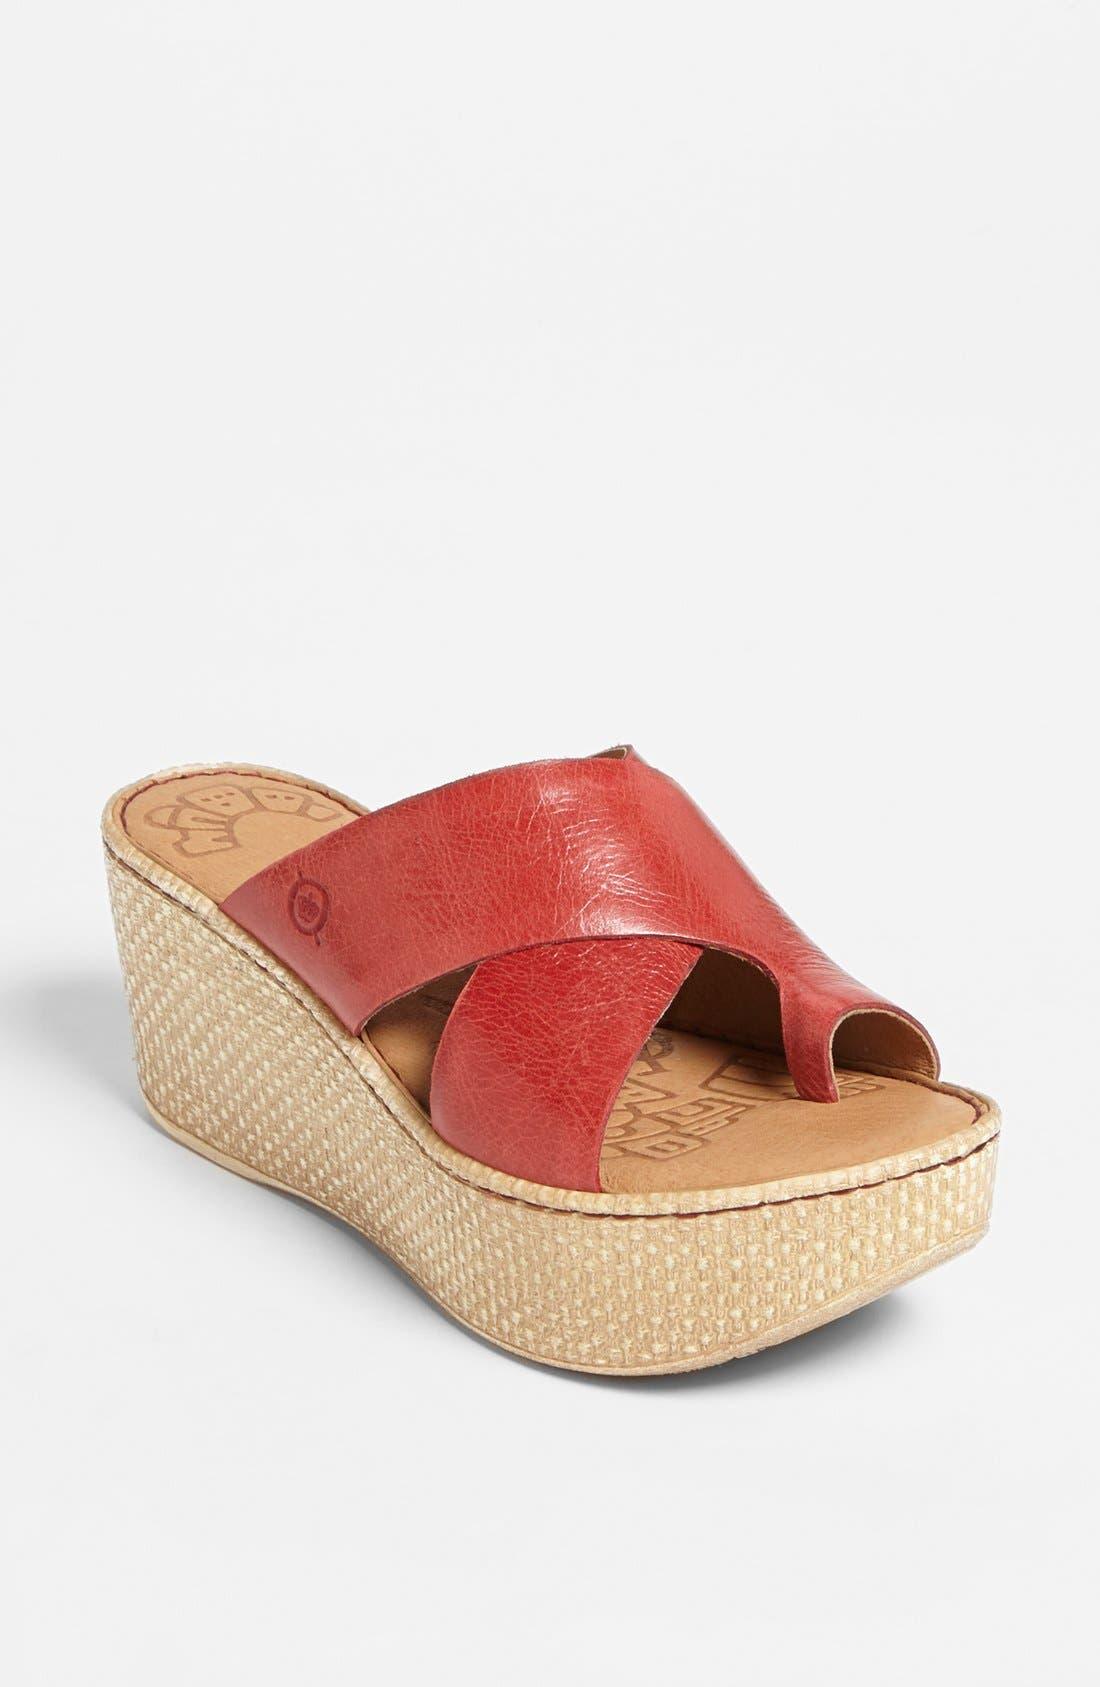 Main Image - Børn 'Shelene' Sandal (Special Purchase)